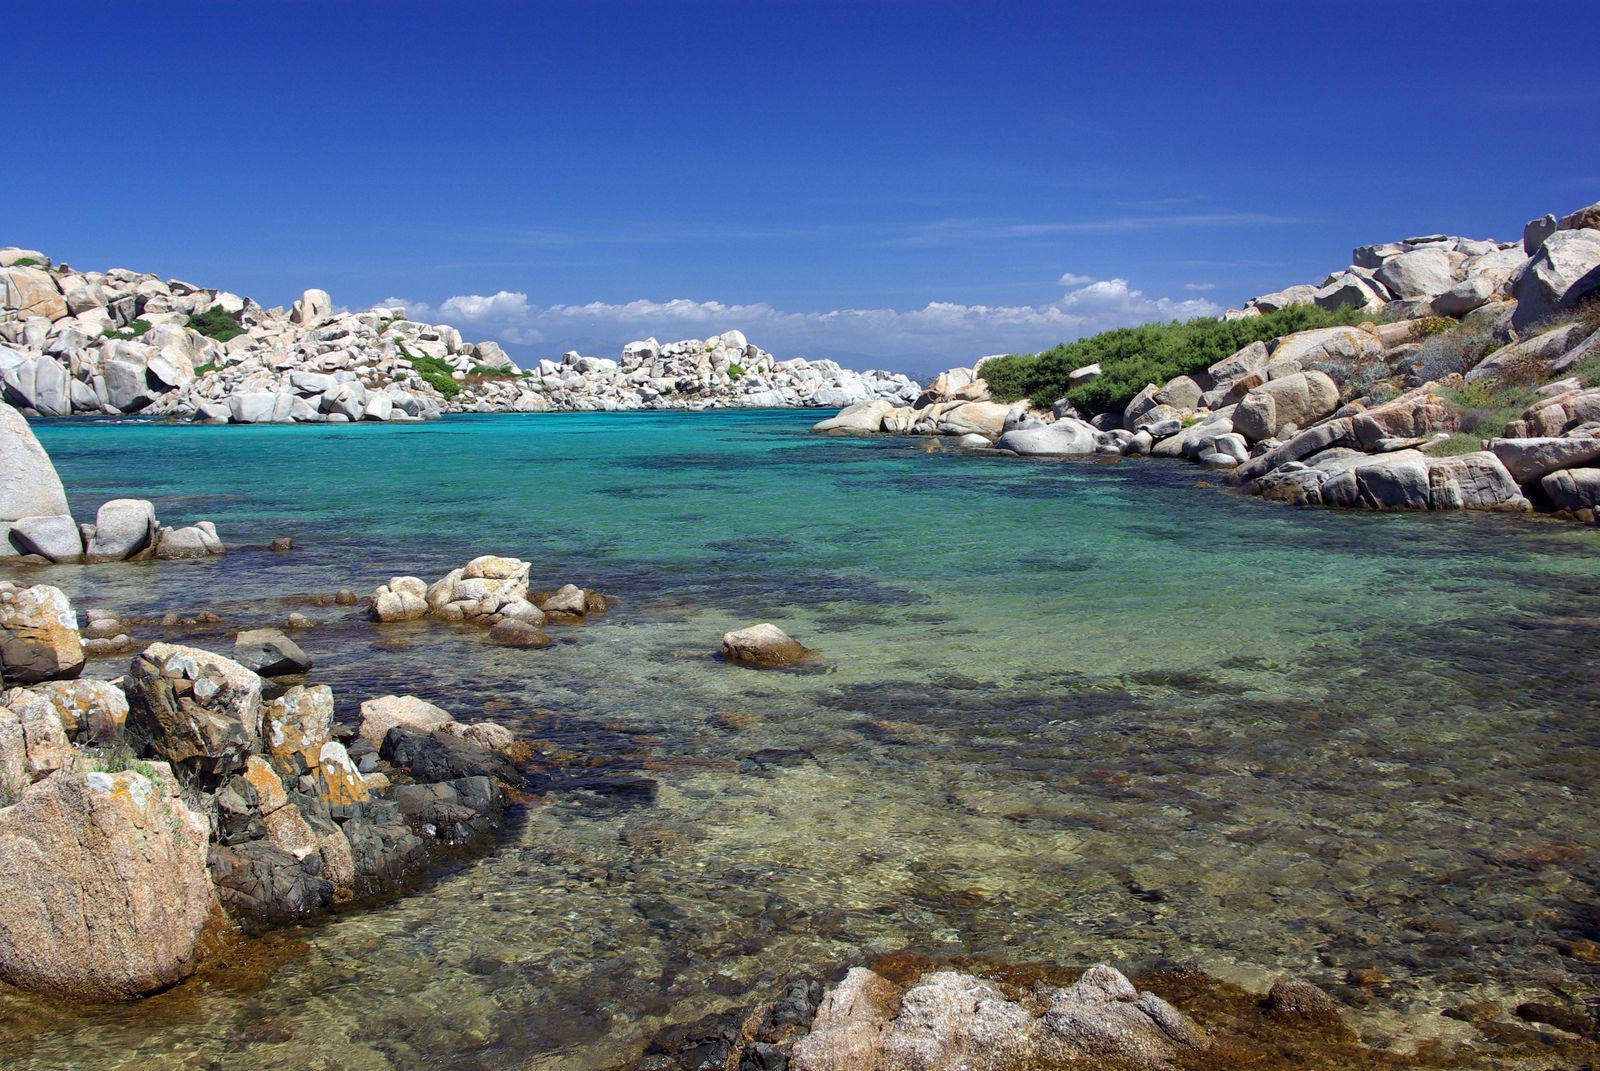 Îles laVEZZI_Bonifacio (1)